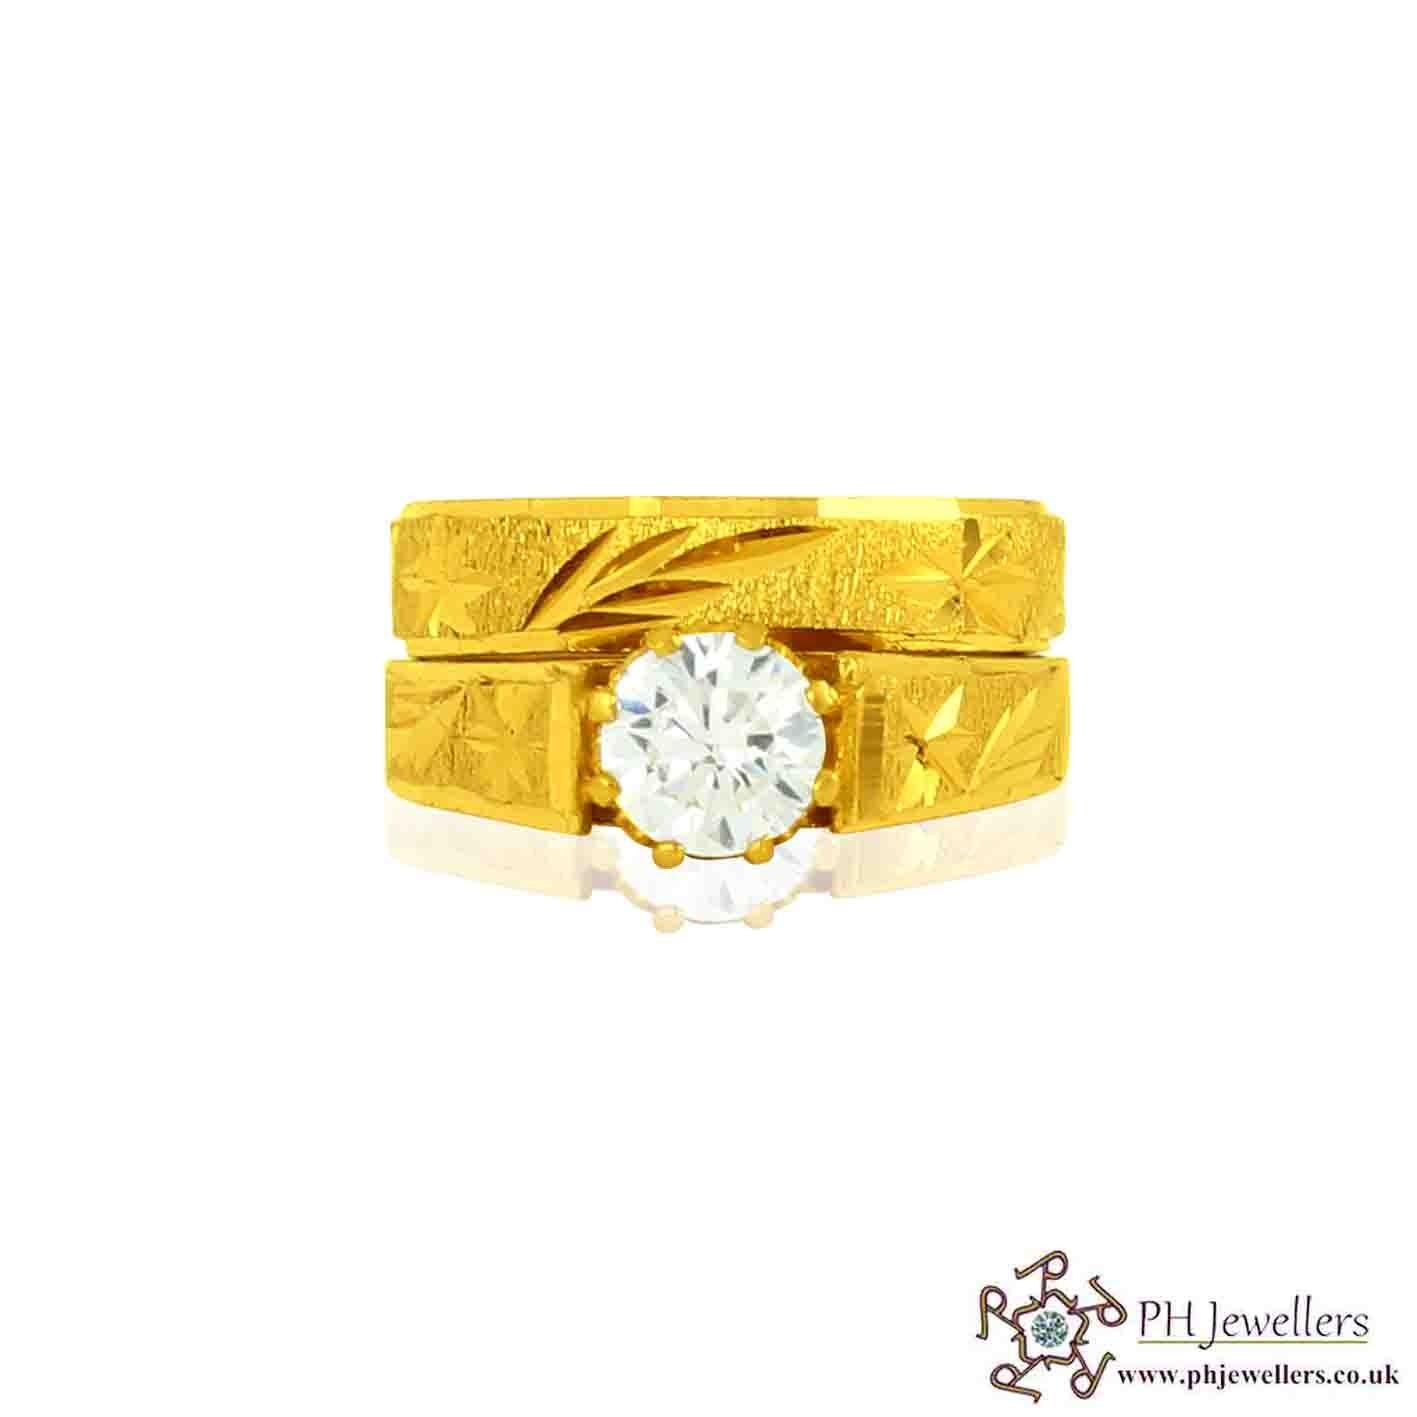 22ct 916 Hallmark Yellow Gold Round Size N Ring CZ WBSR16